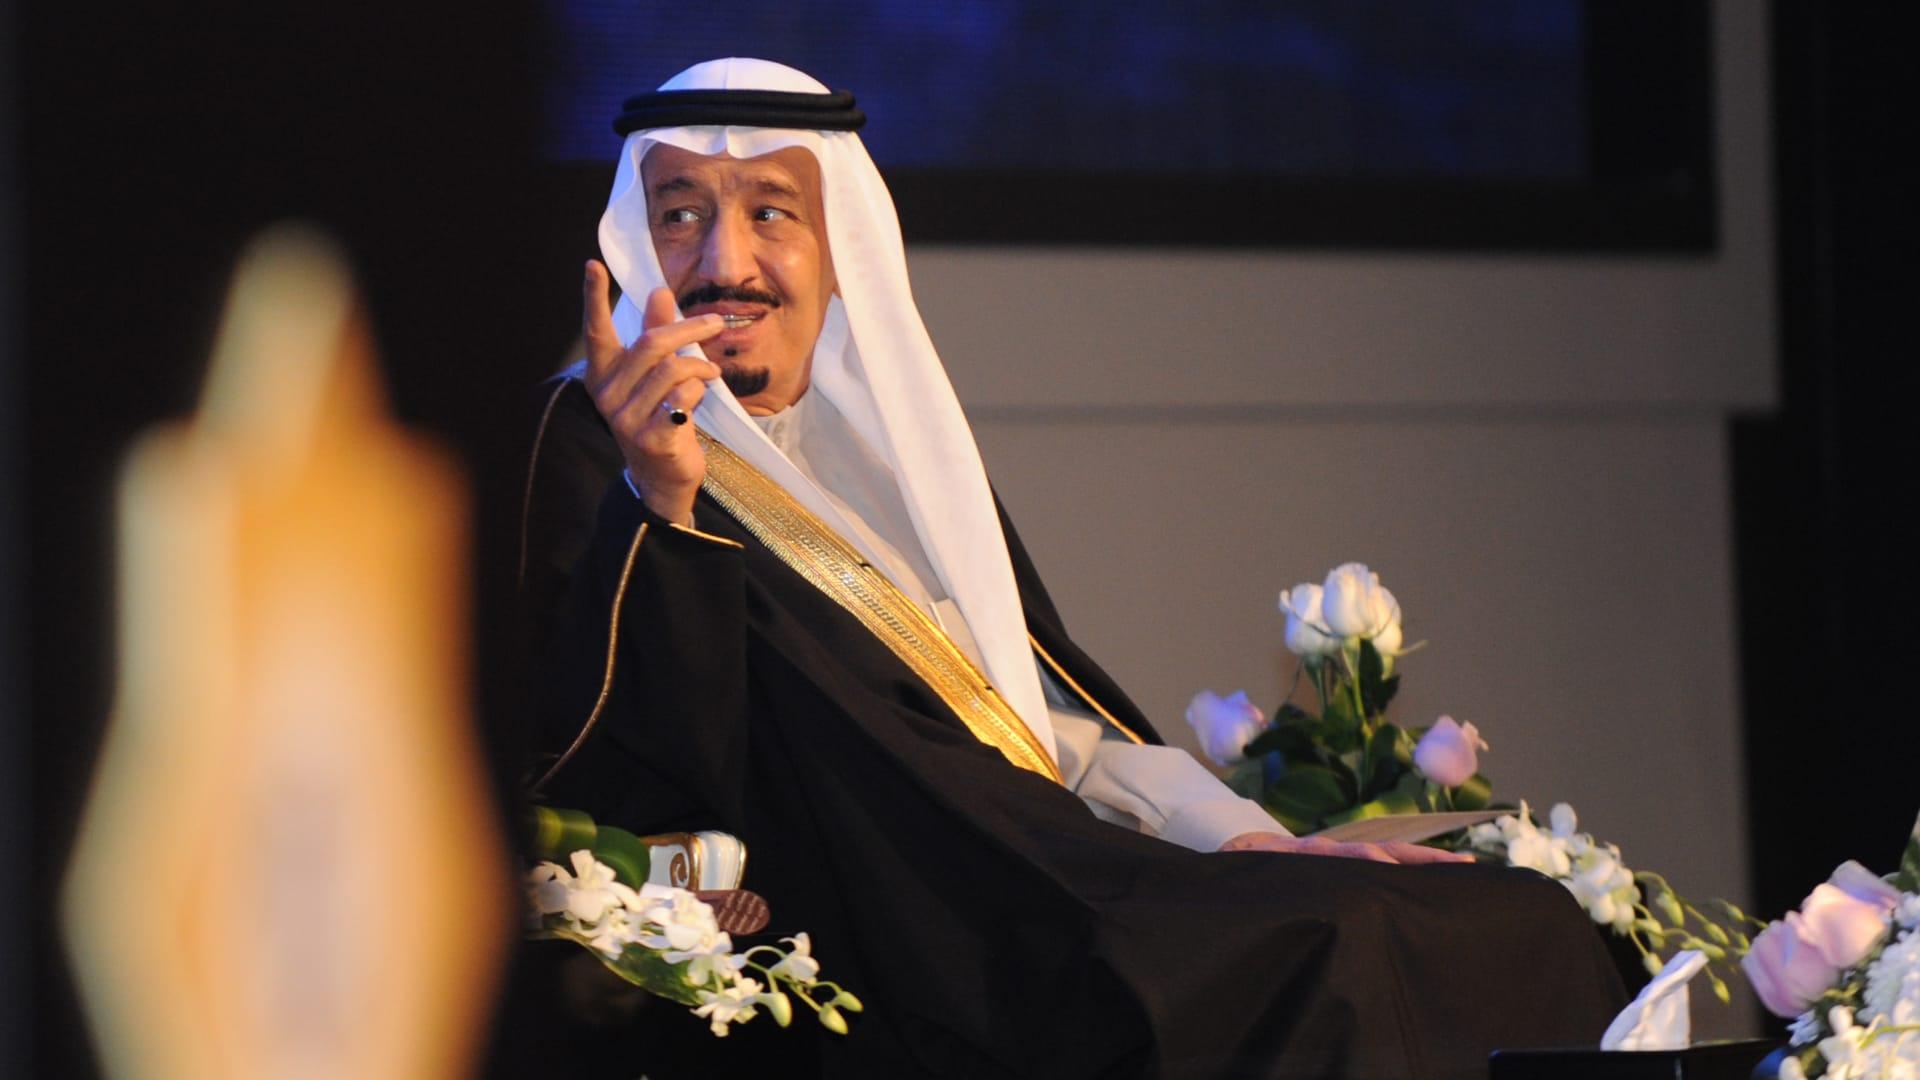 أمر ملكي سعودي بإطلاق صندوق استثماري لأنشطة منها الترفيه.. إليكم أعضائه وأهدافه ومصادر إيراداته